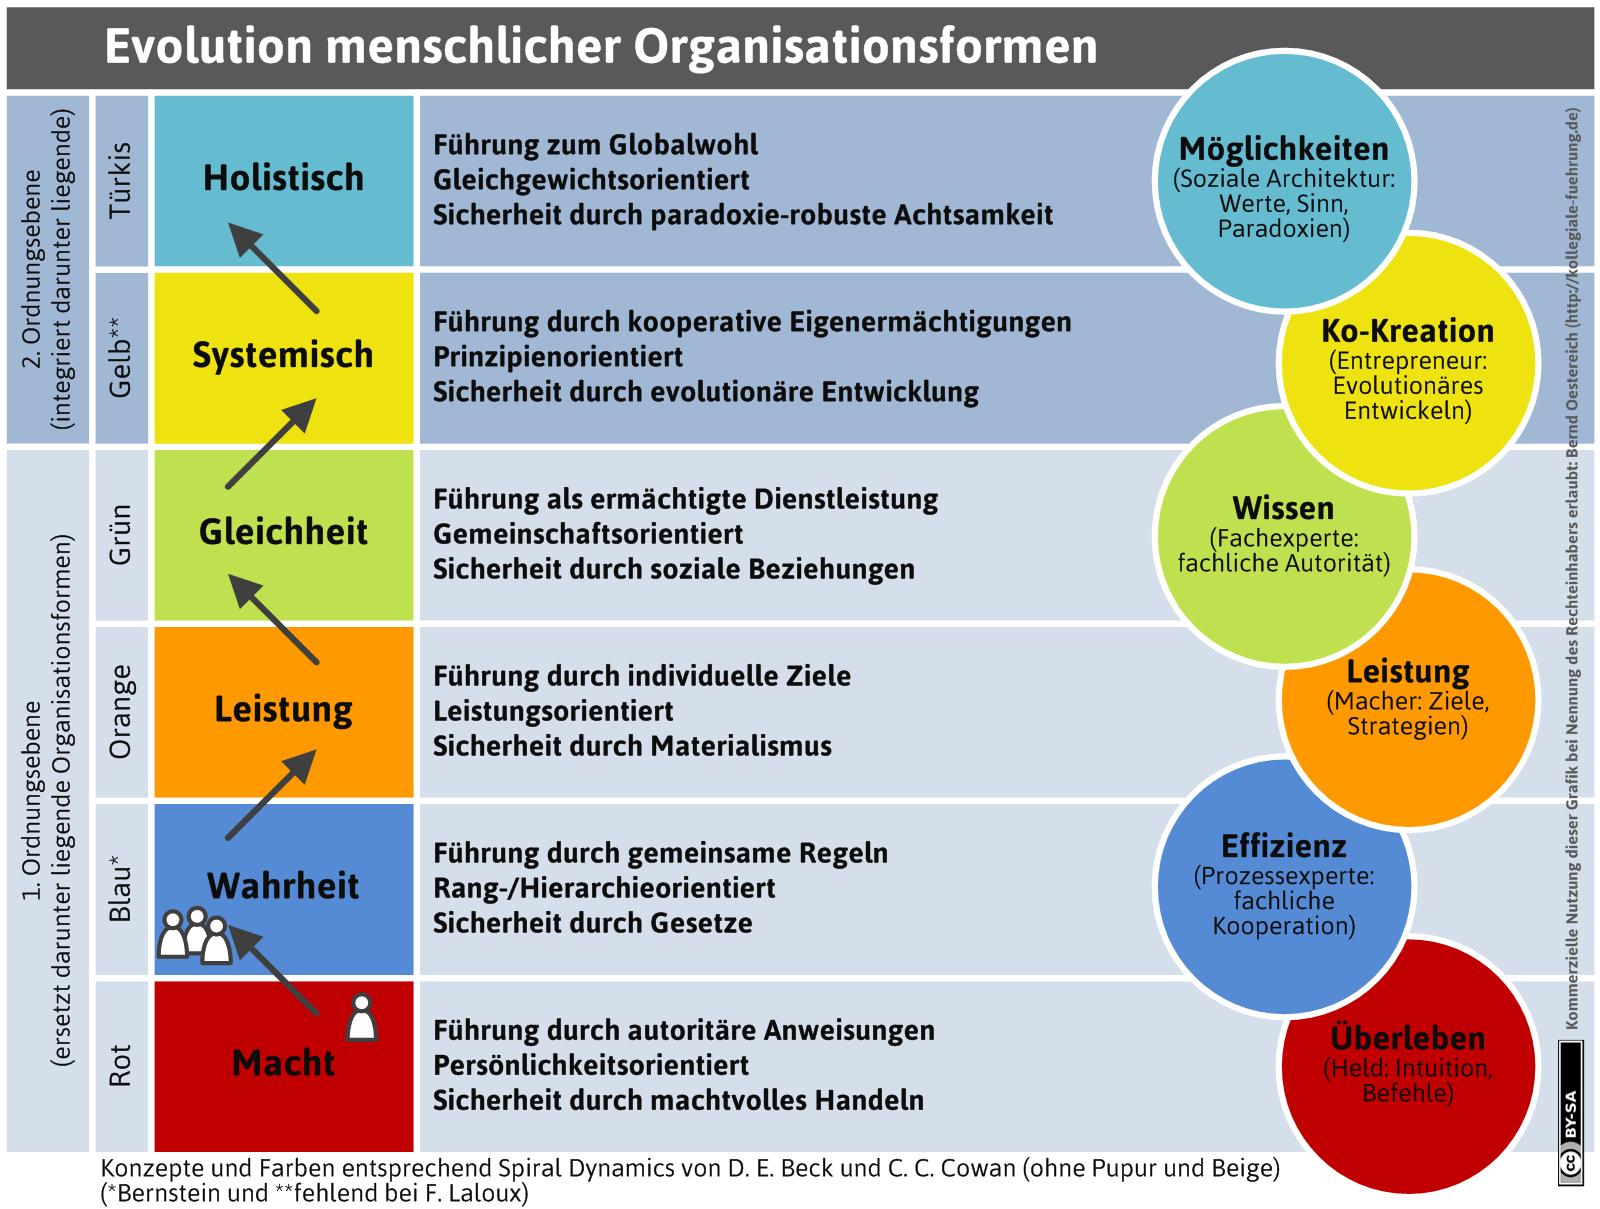 Die Evolution menschlicher Organisationsformen (http://kollegiale-fuehrung.de/portfolio-item/evolution-organisationsformen/)